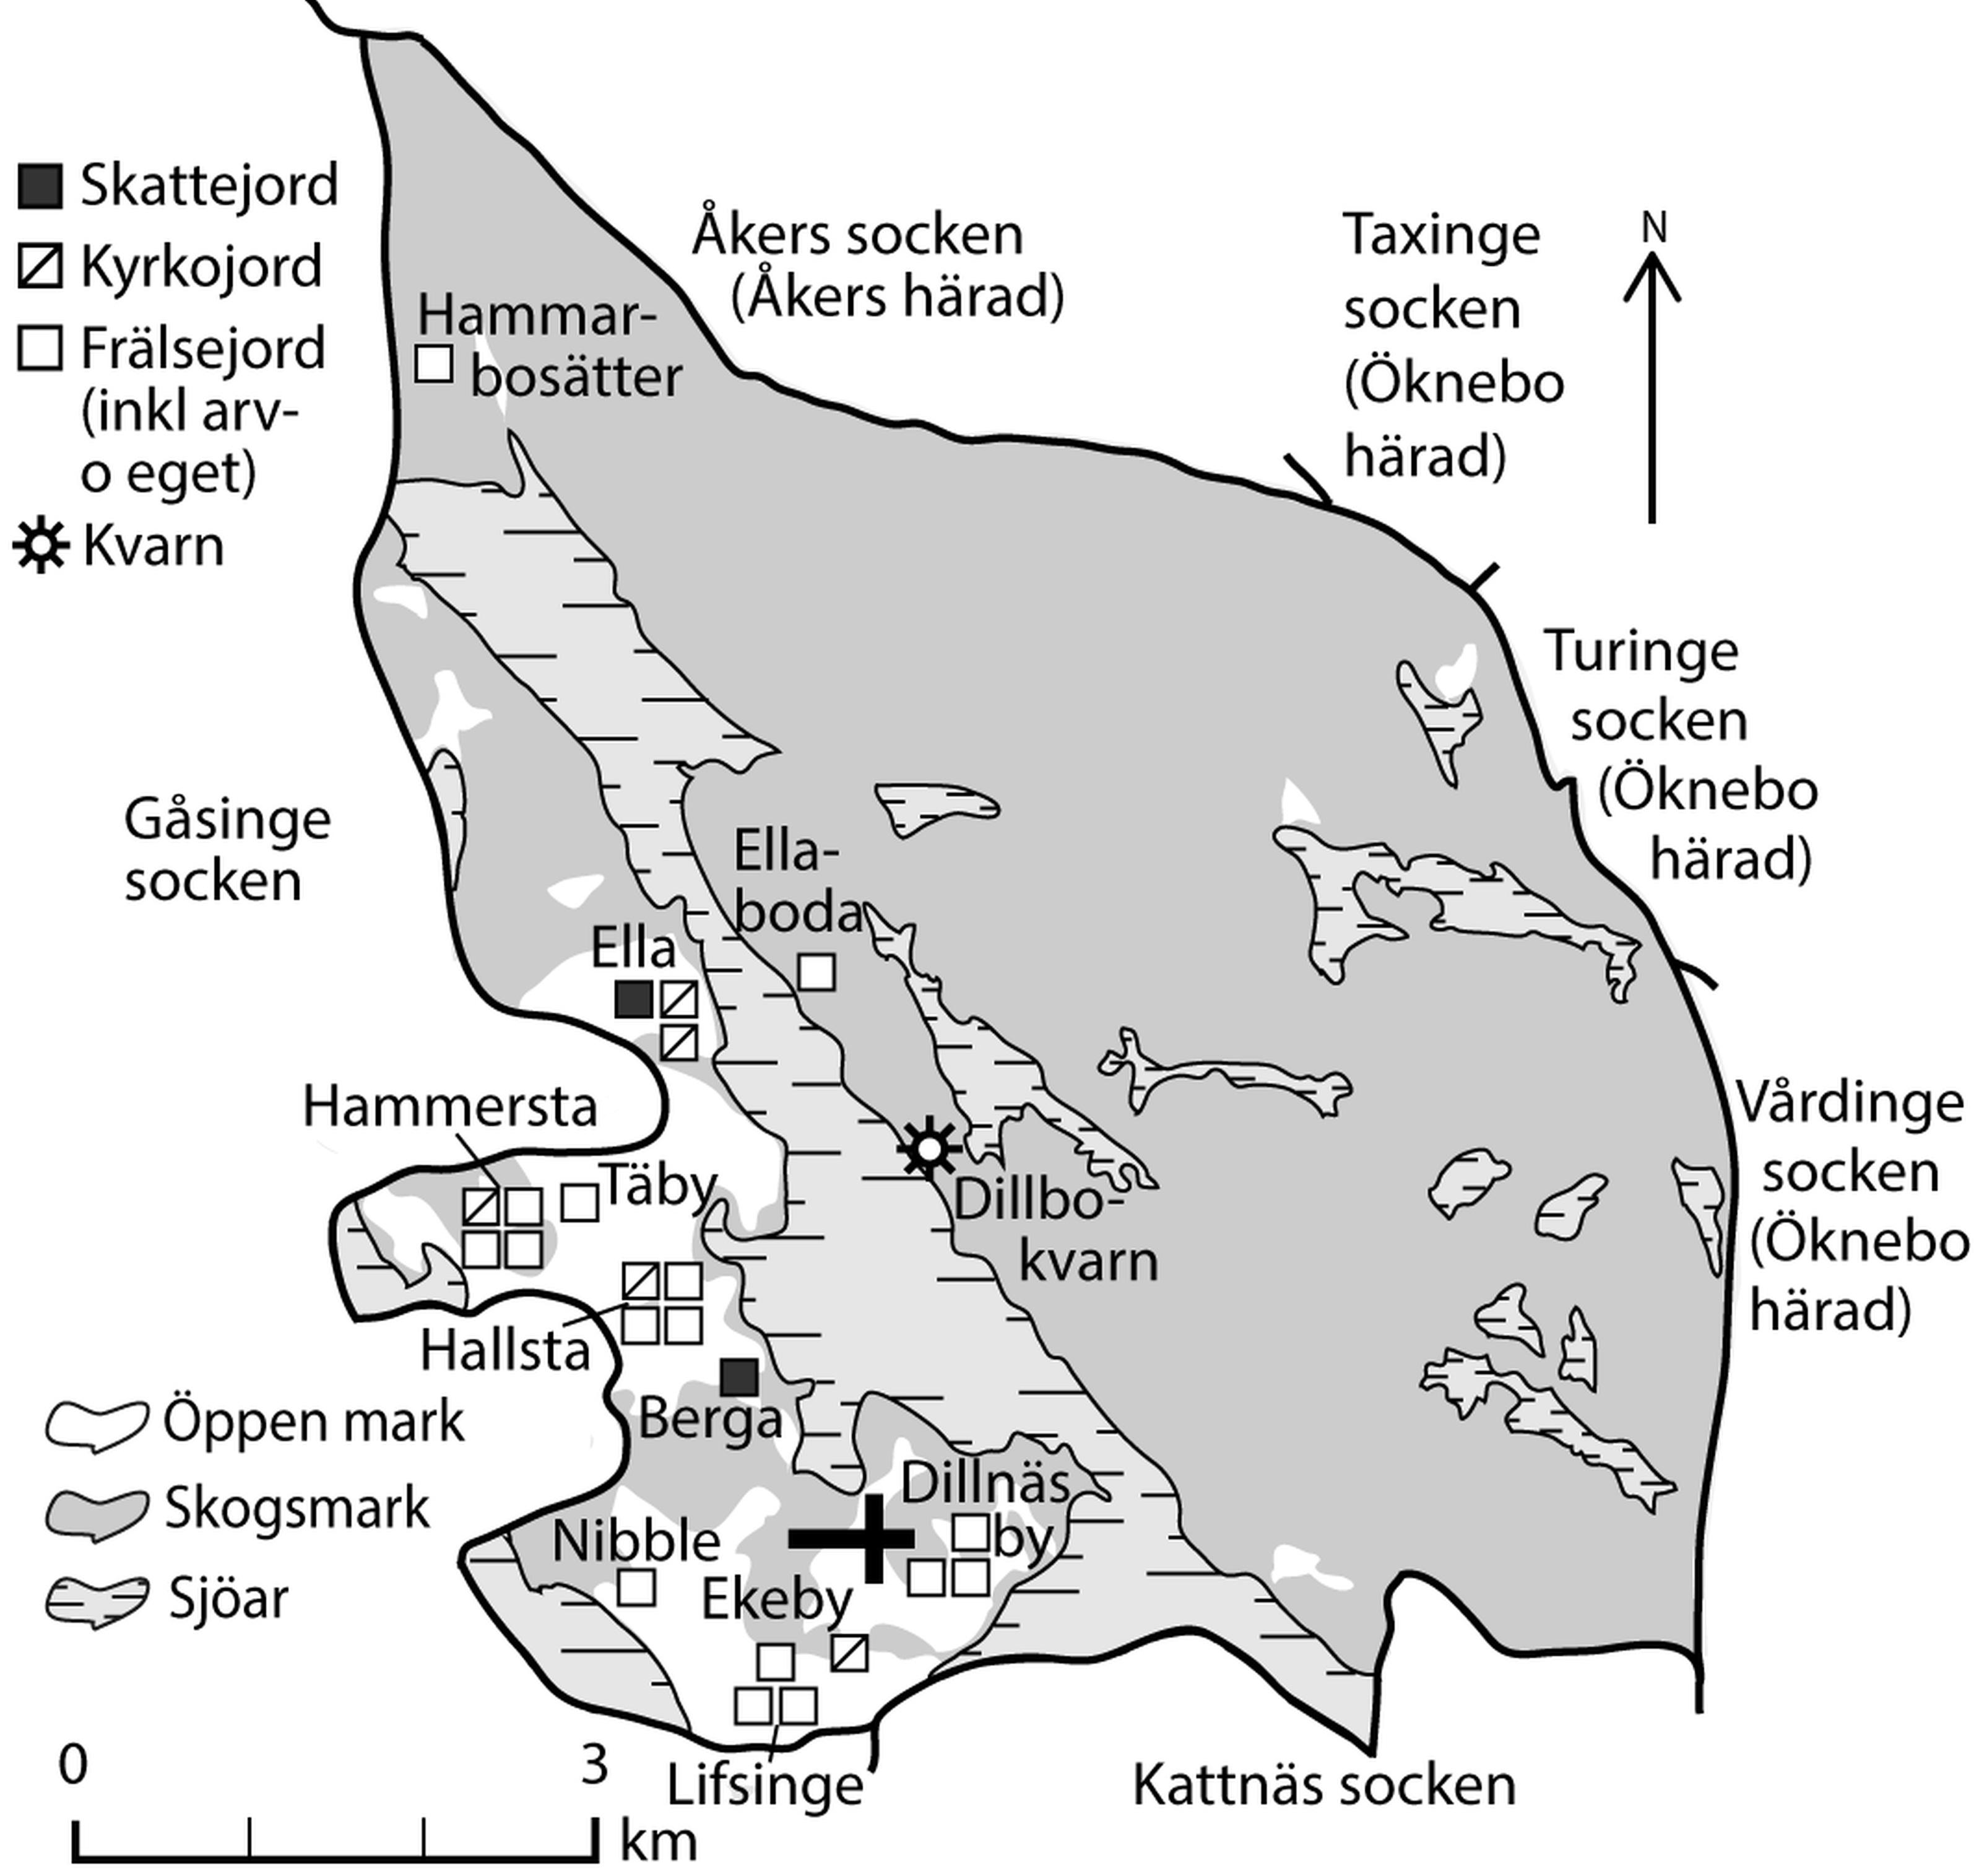 Karta Sverige Hojdkurvor.Det Medeltida Sverige Riksarkivet